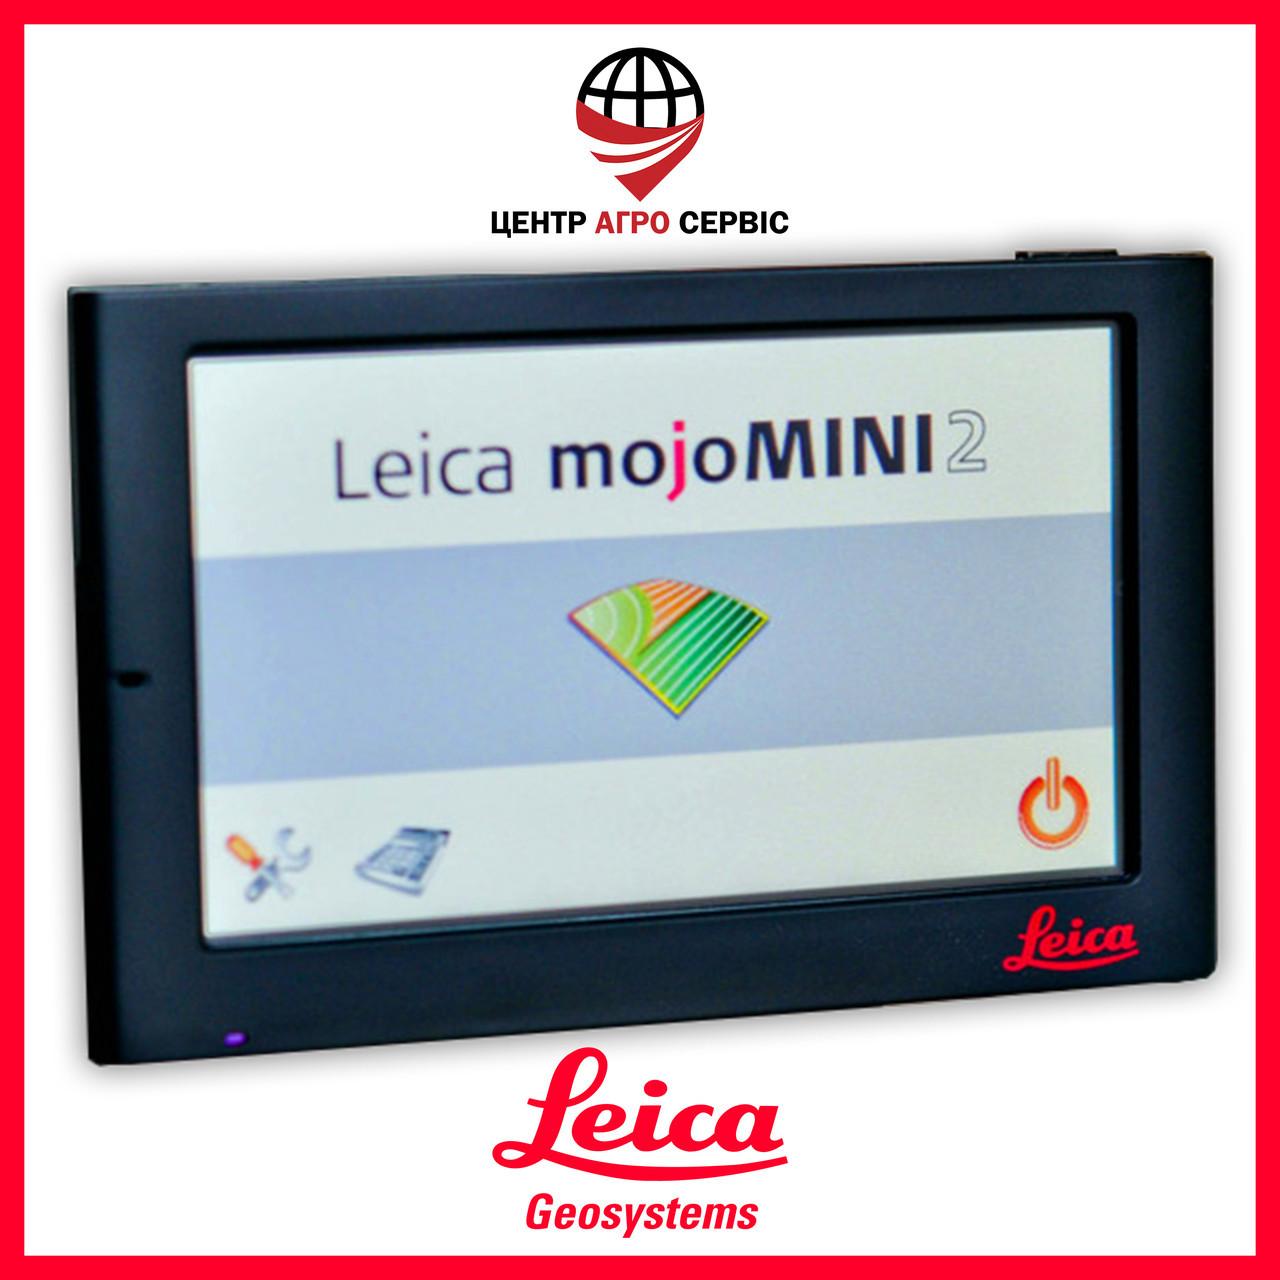 Курсовказівник (система паралельного водіння, агронавігатор) LEICA mojoMINI2